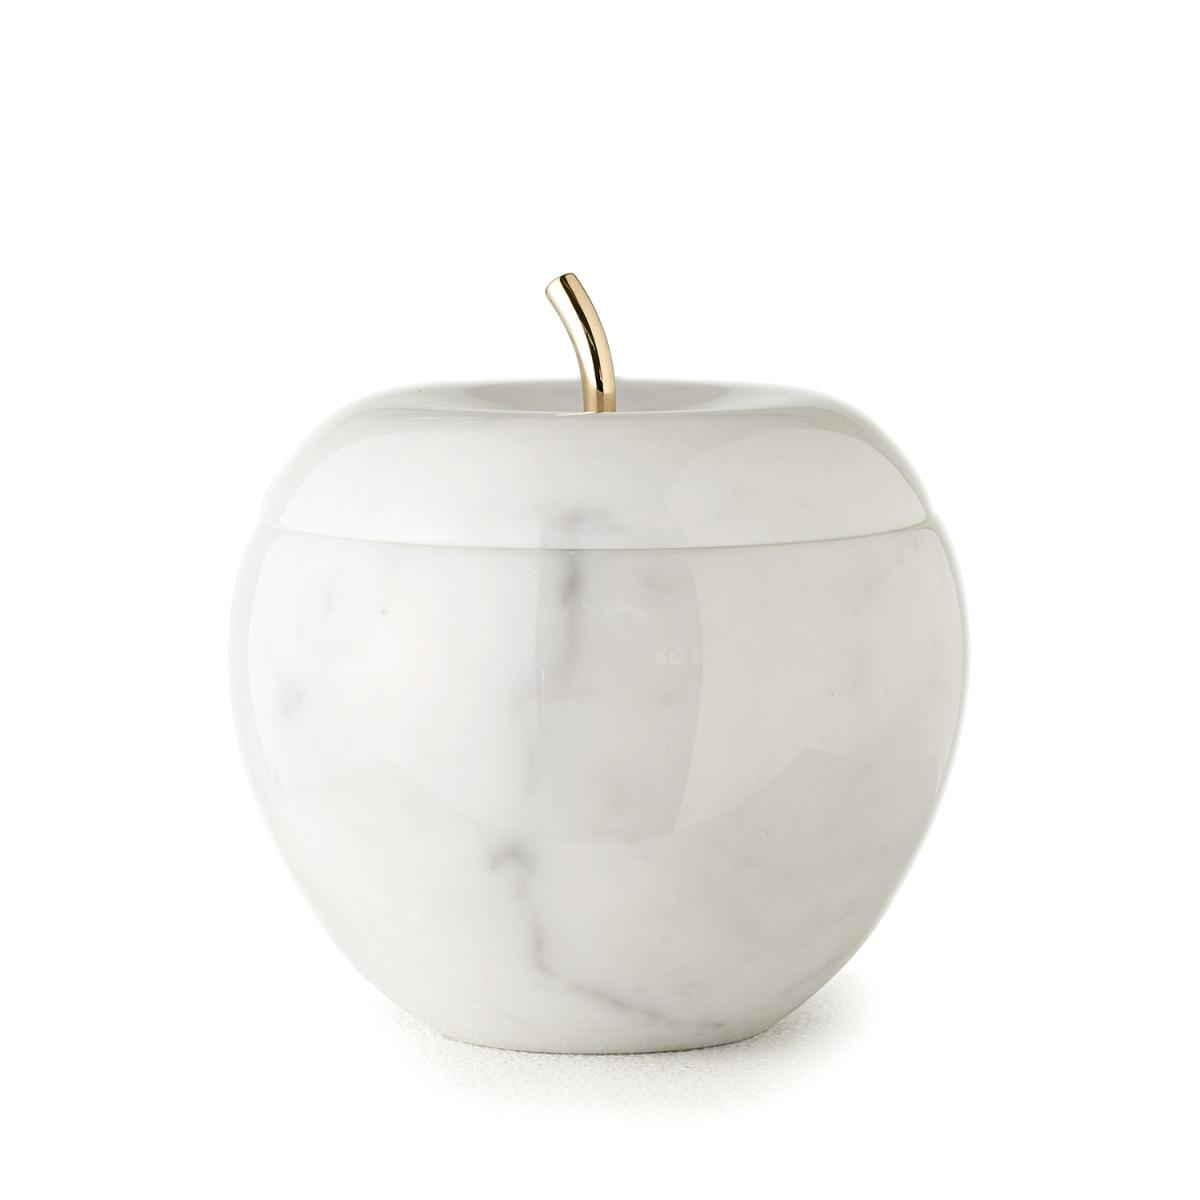 Snow White Marmordose weißer Carrara Marmor, 24K gold